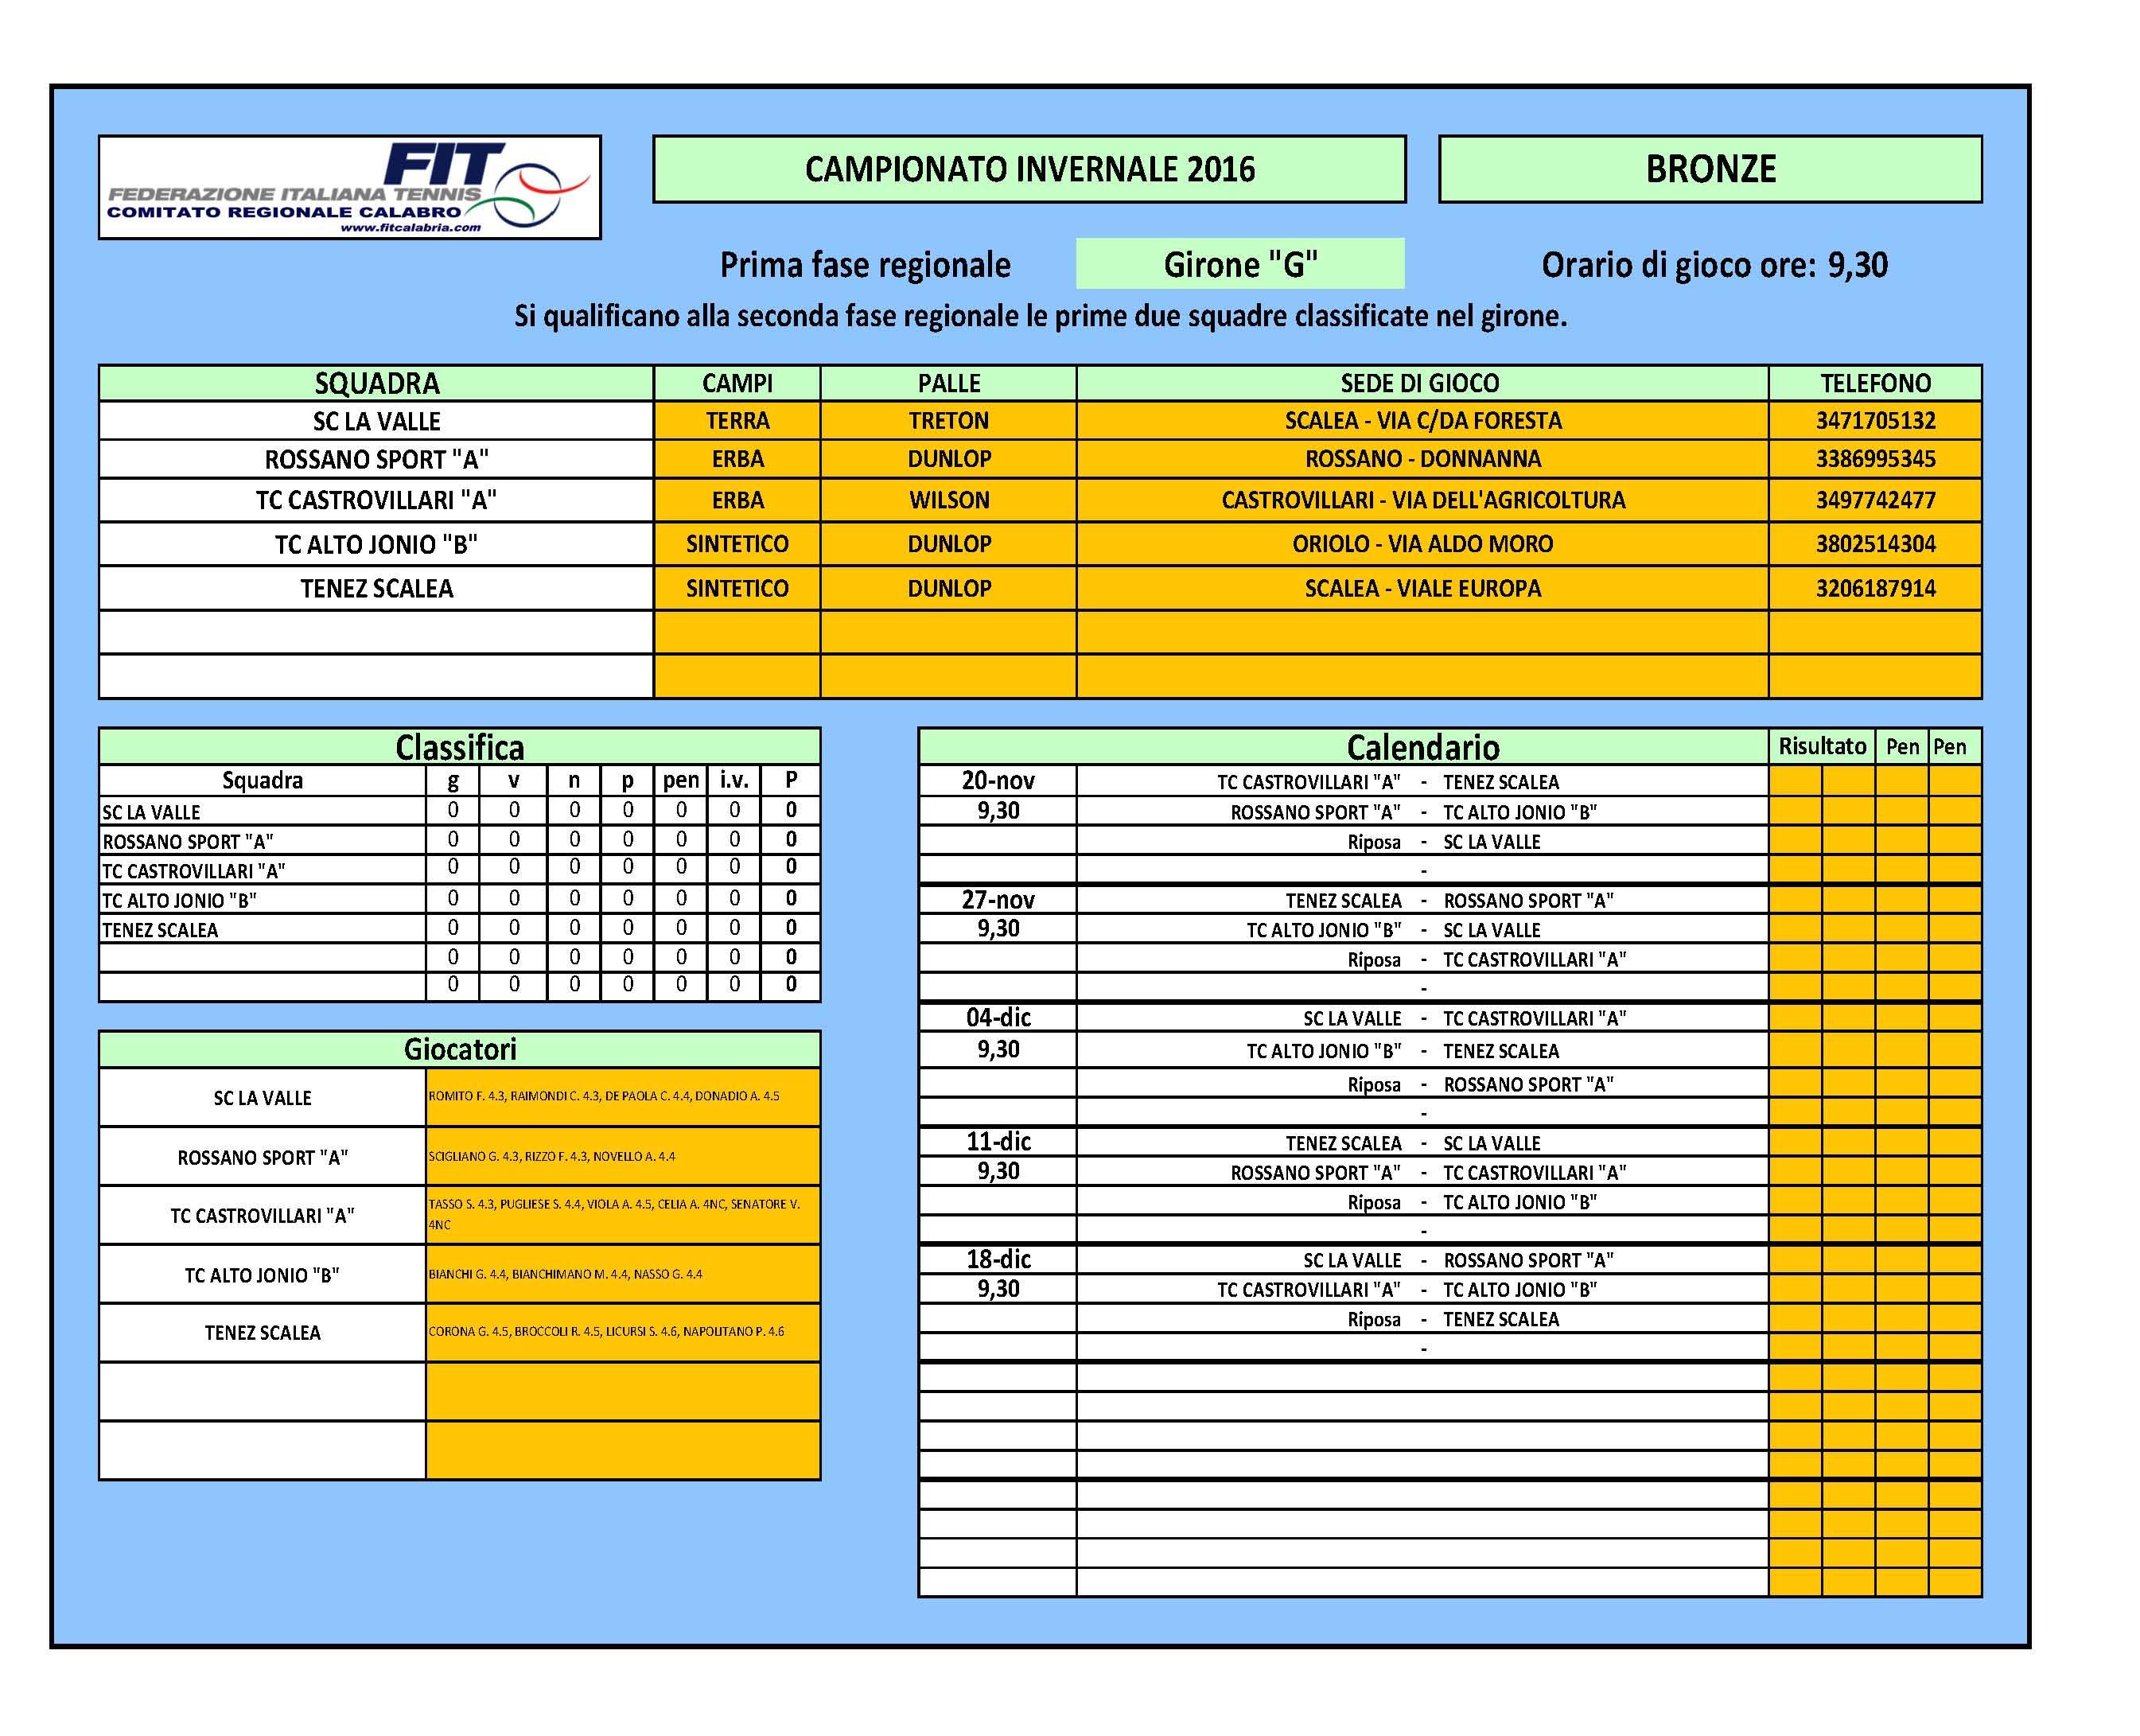 calendario-bronze-m-2016-girone-g